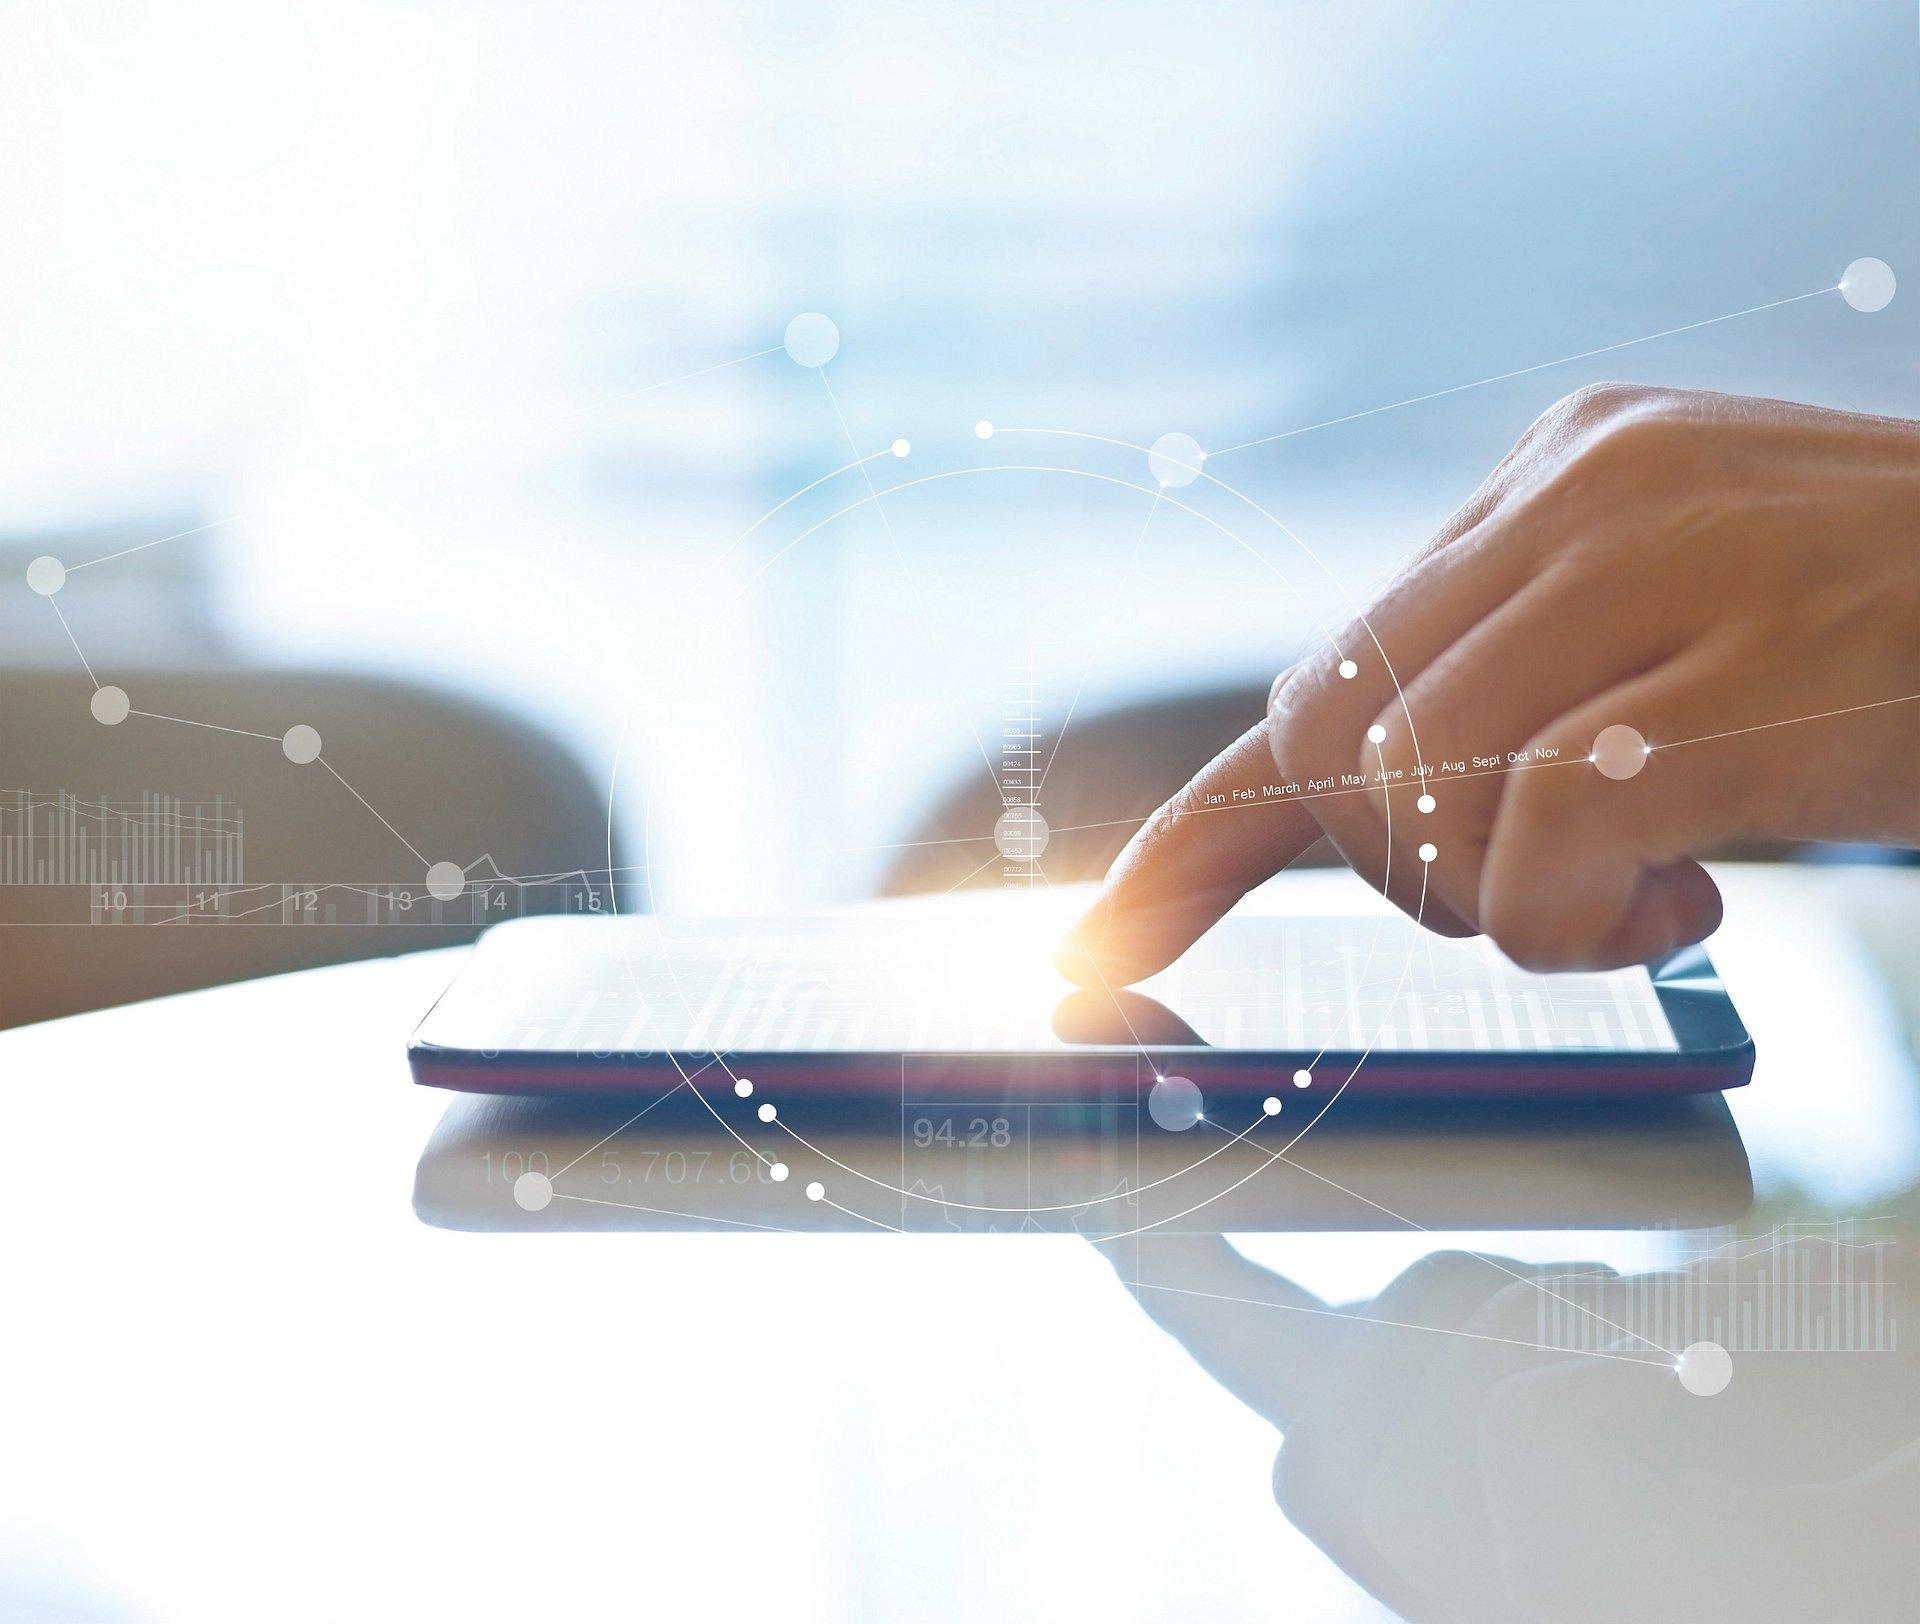 Citi Handlowy wdrożył biometryczny proces kredytowy